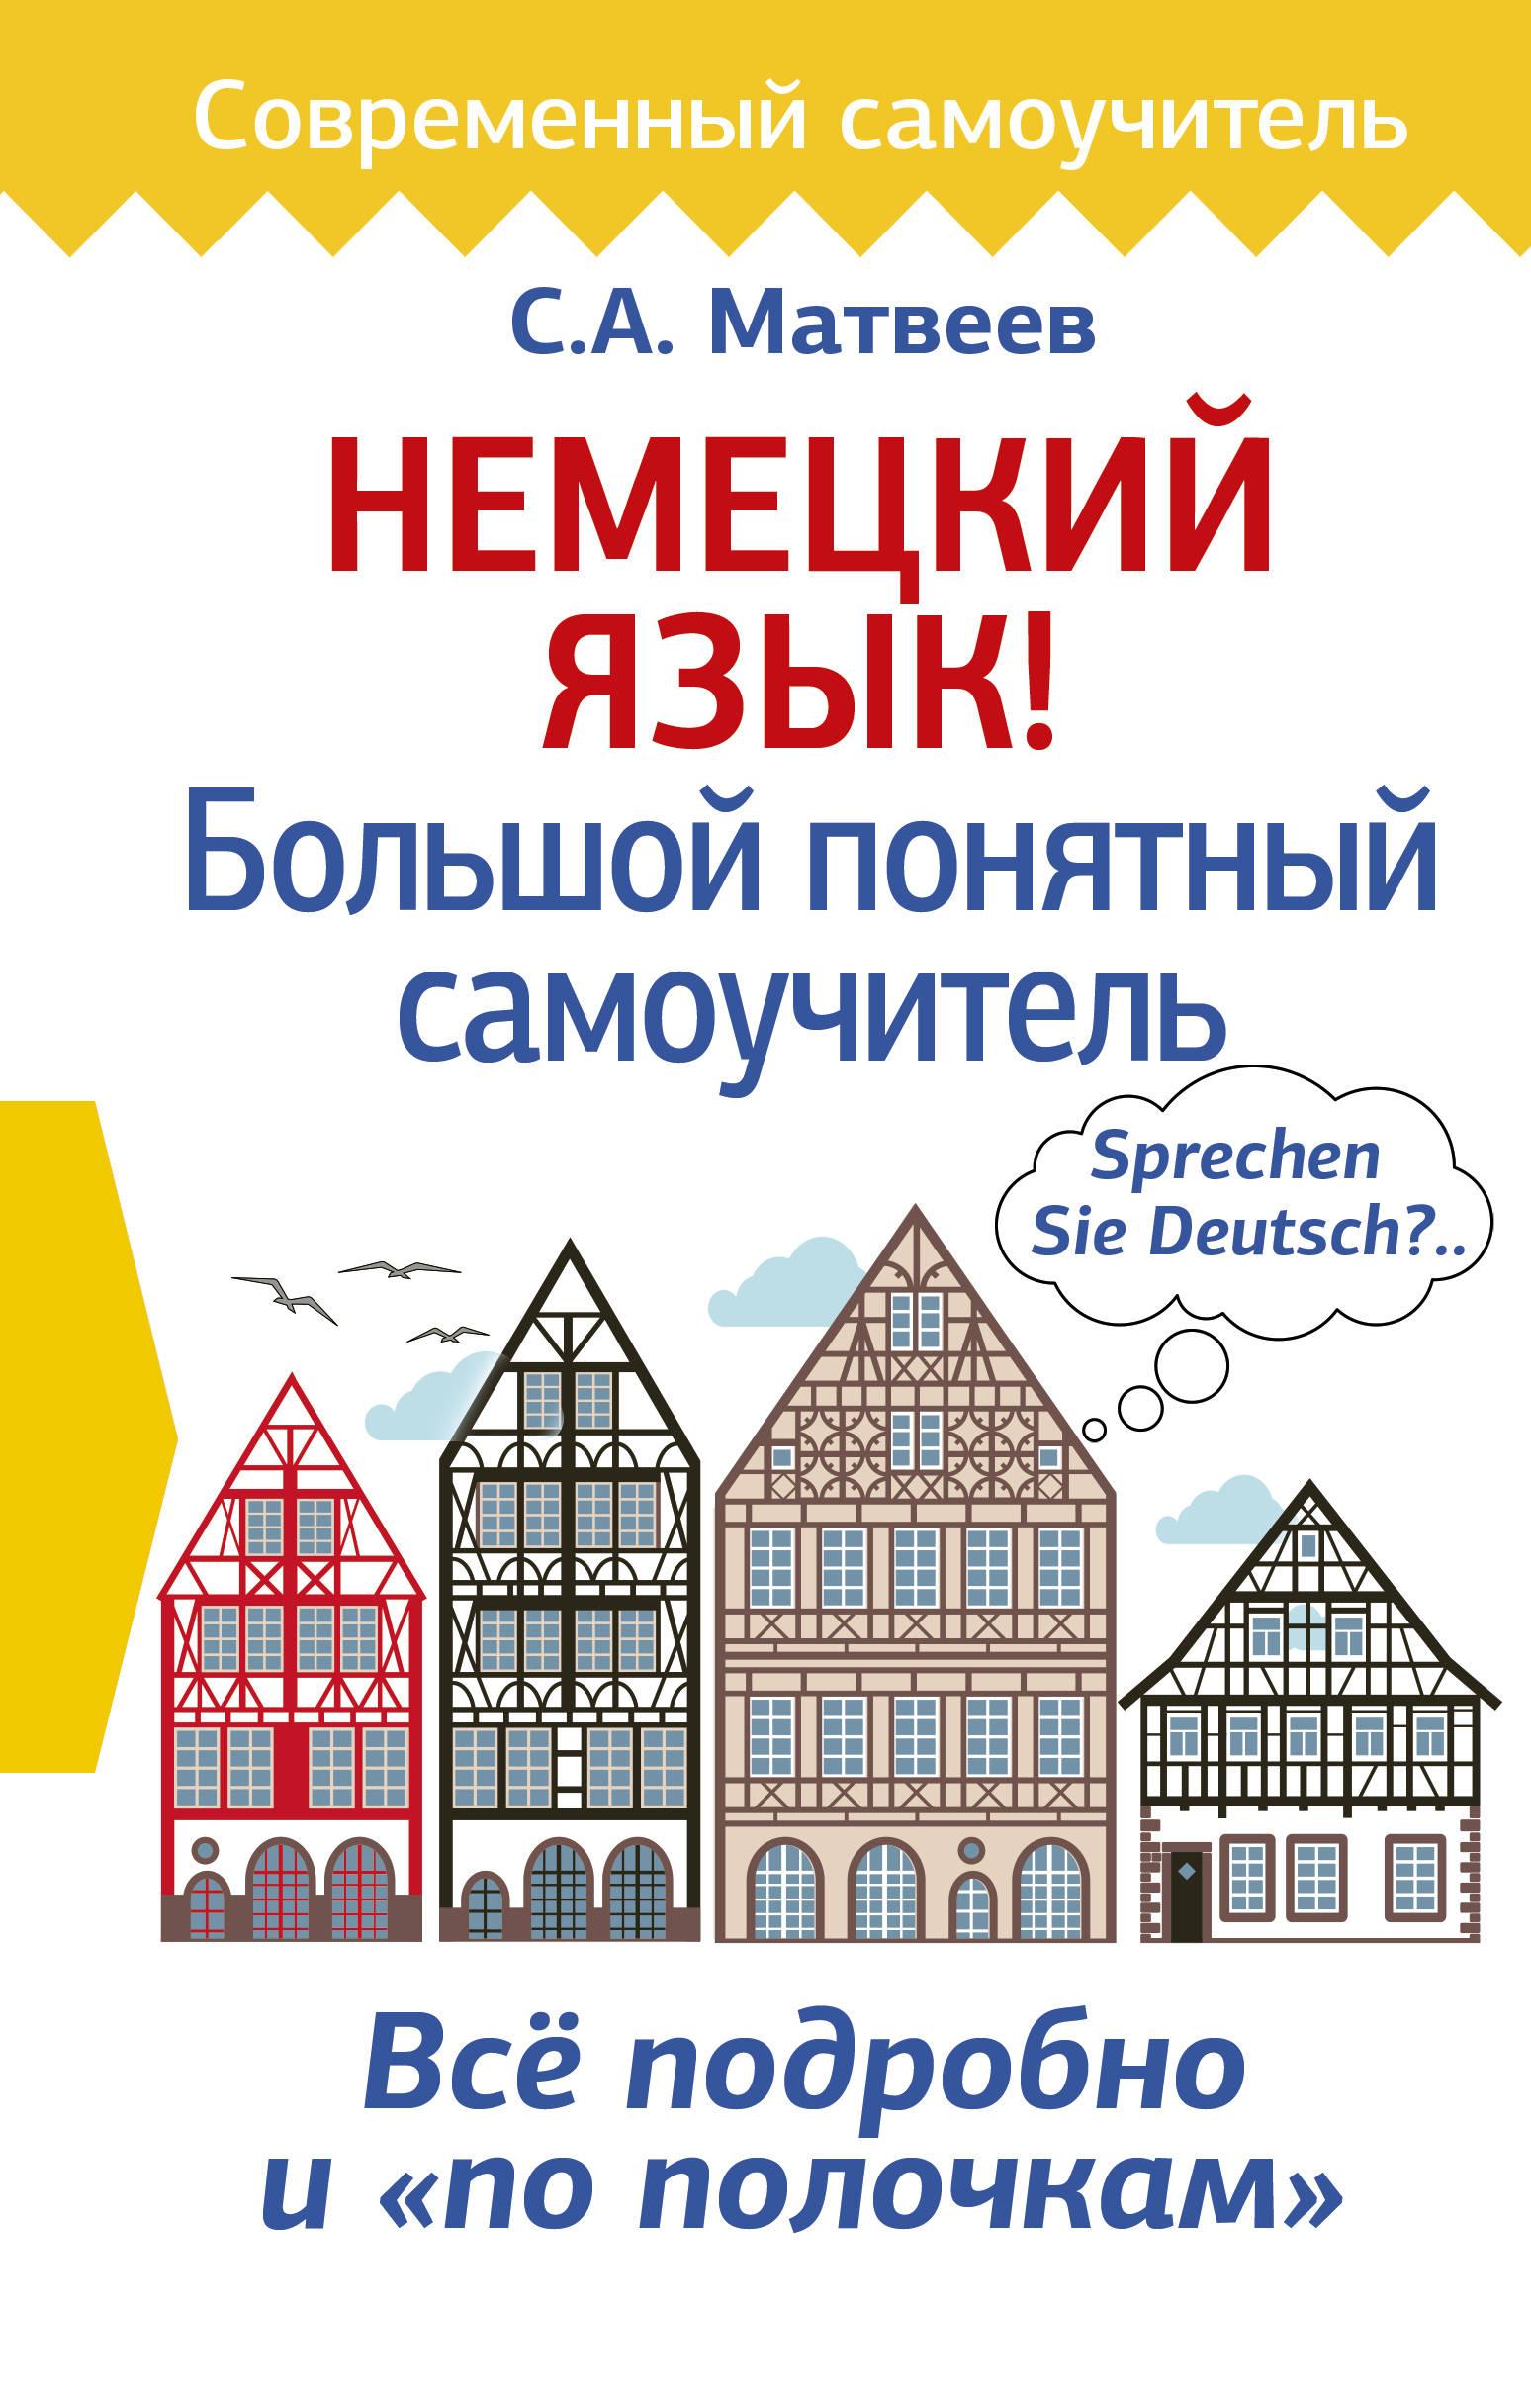 С. А. Матвеев Немецкий язык! Большой понятный самоучитель с а матвеев немецкий язык большой понятный самоучитель